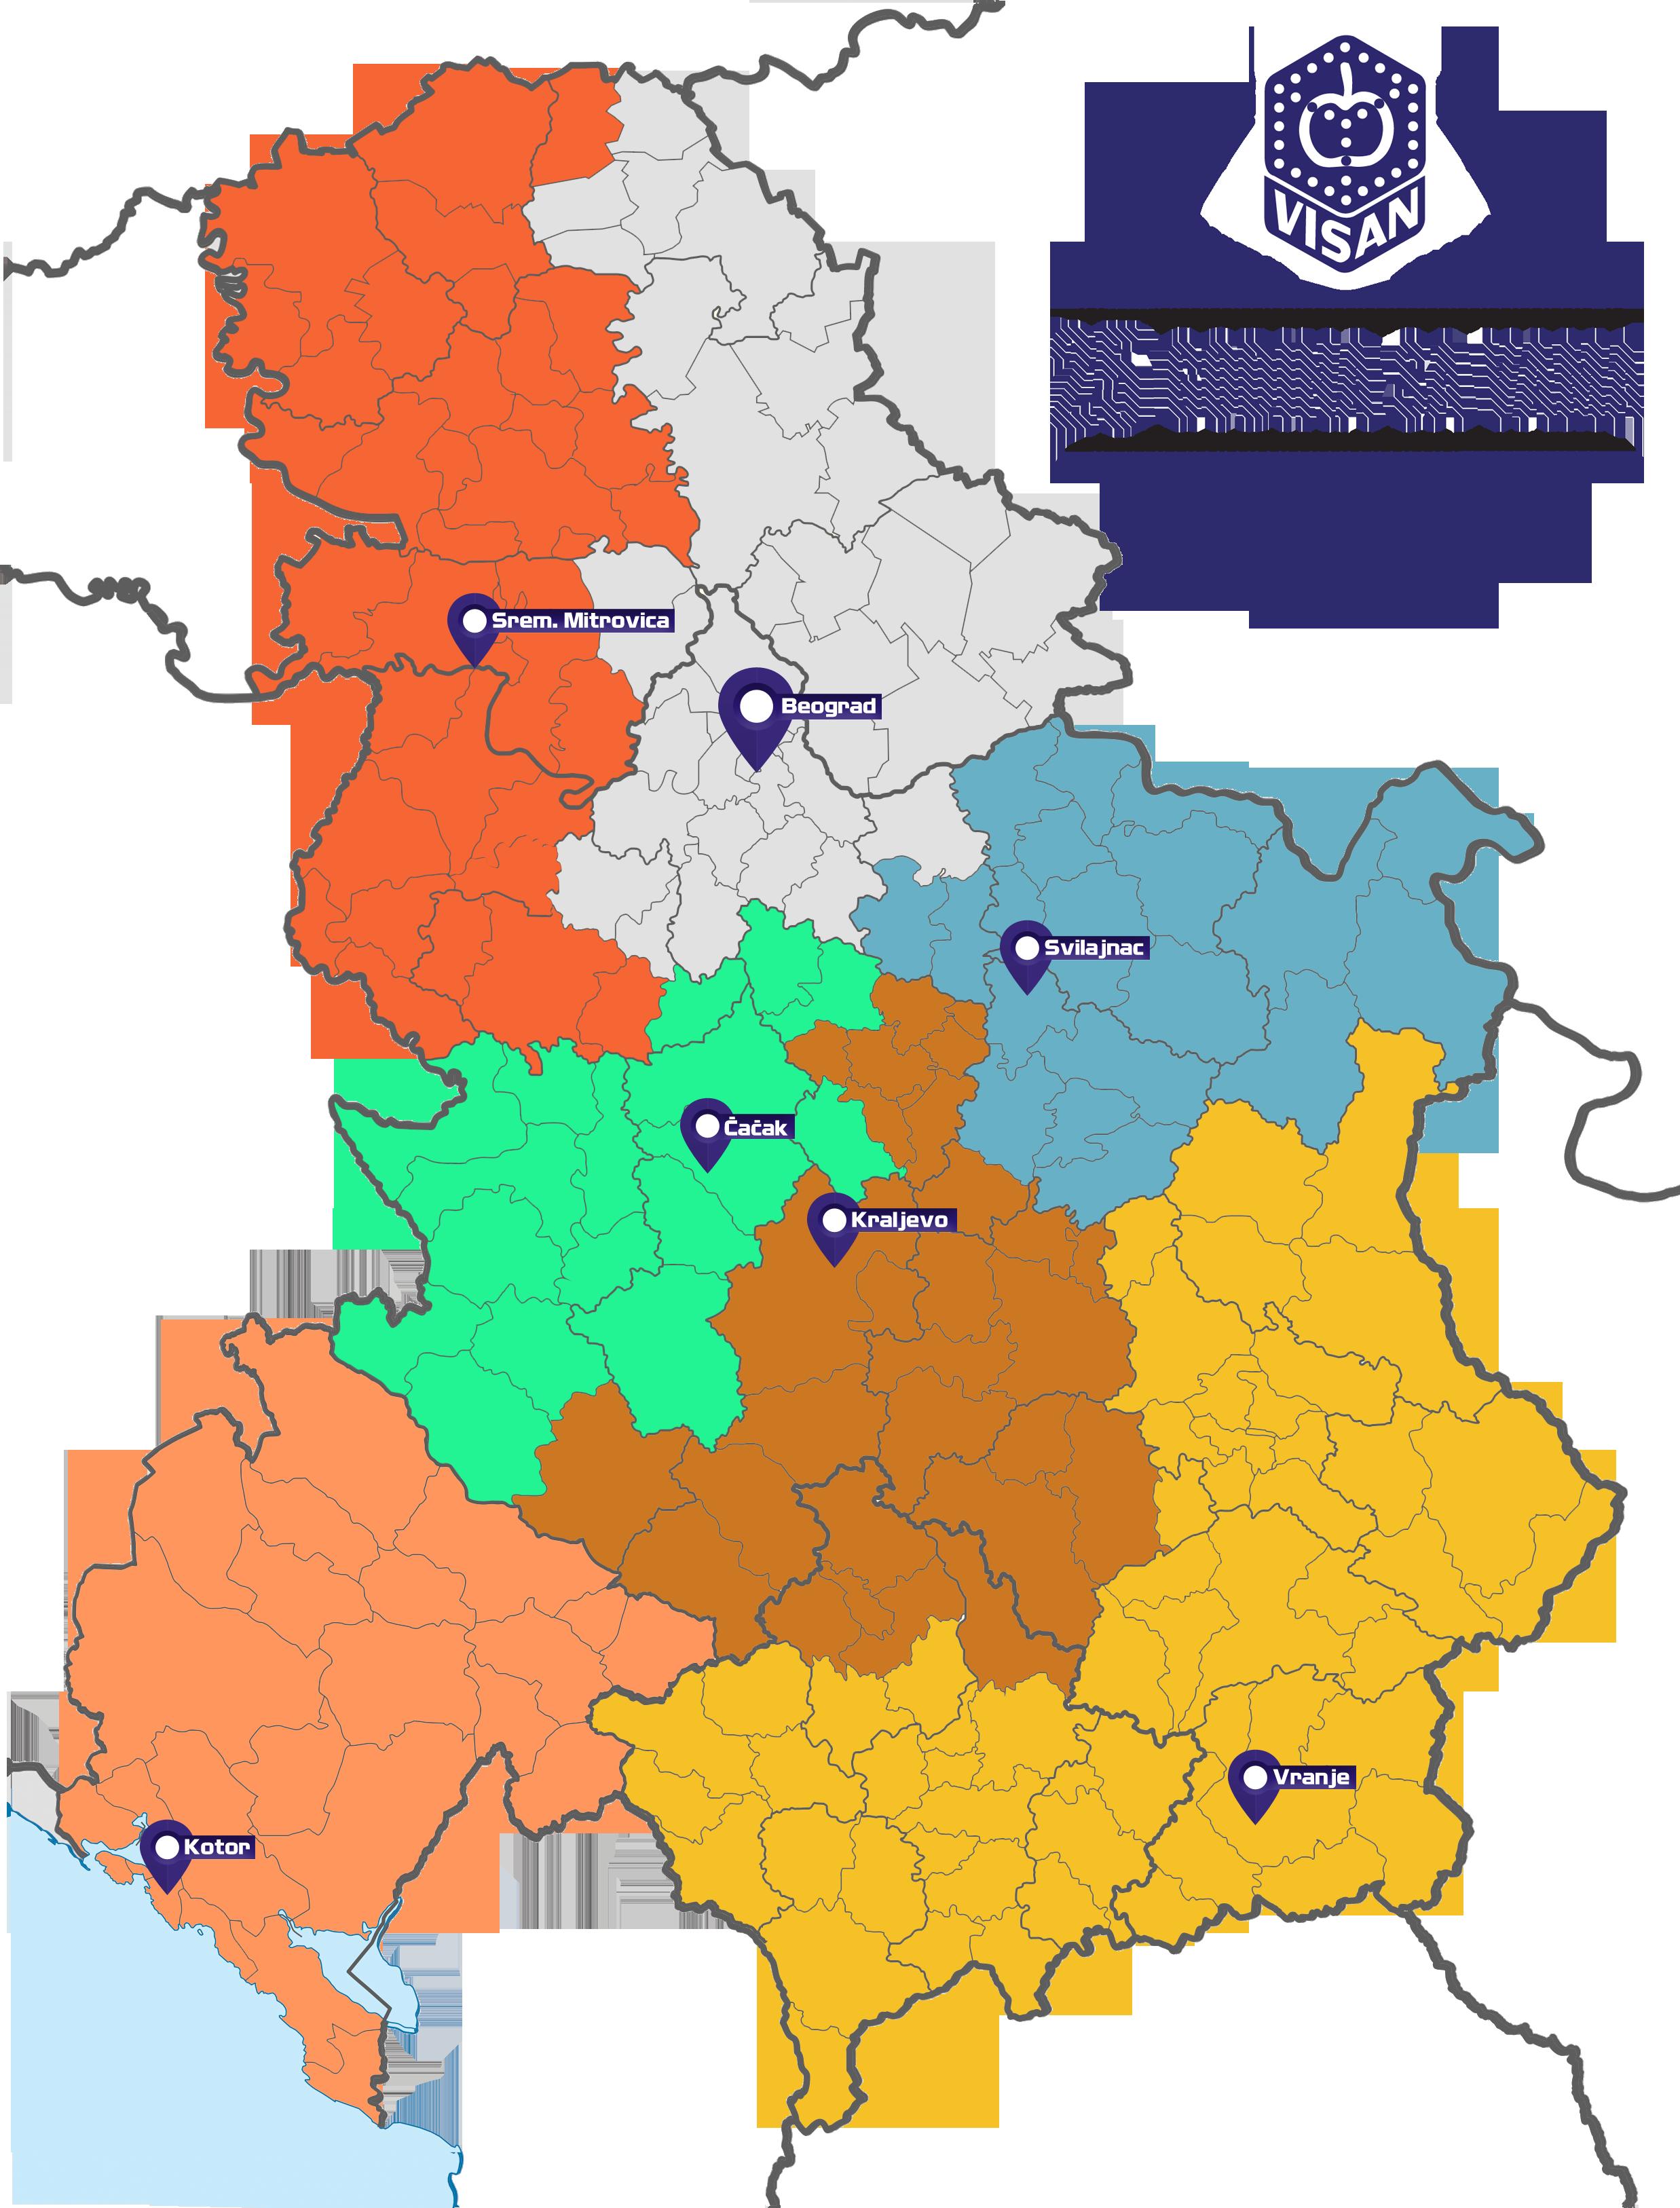 visan-mapa